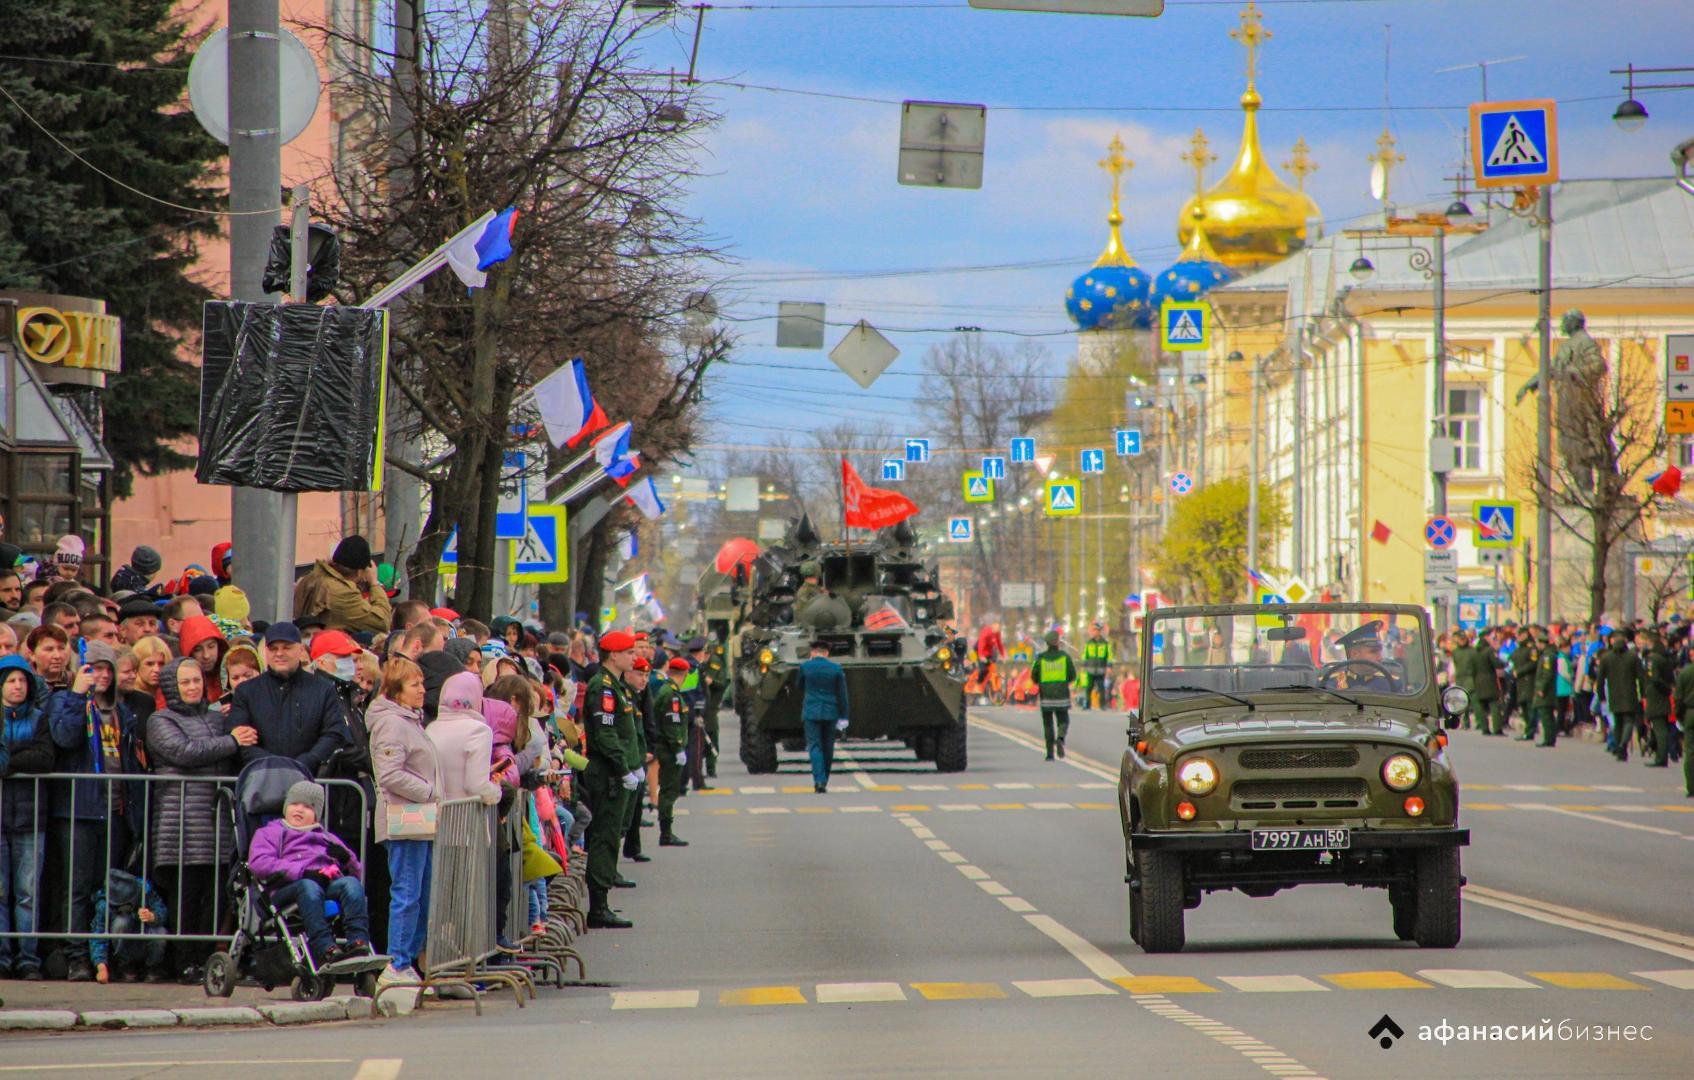 Тверскую «Золушку» с Парада Победы в Твери поощрят - новости Афанасий